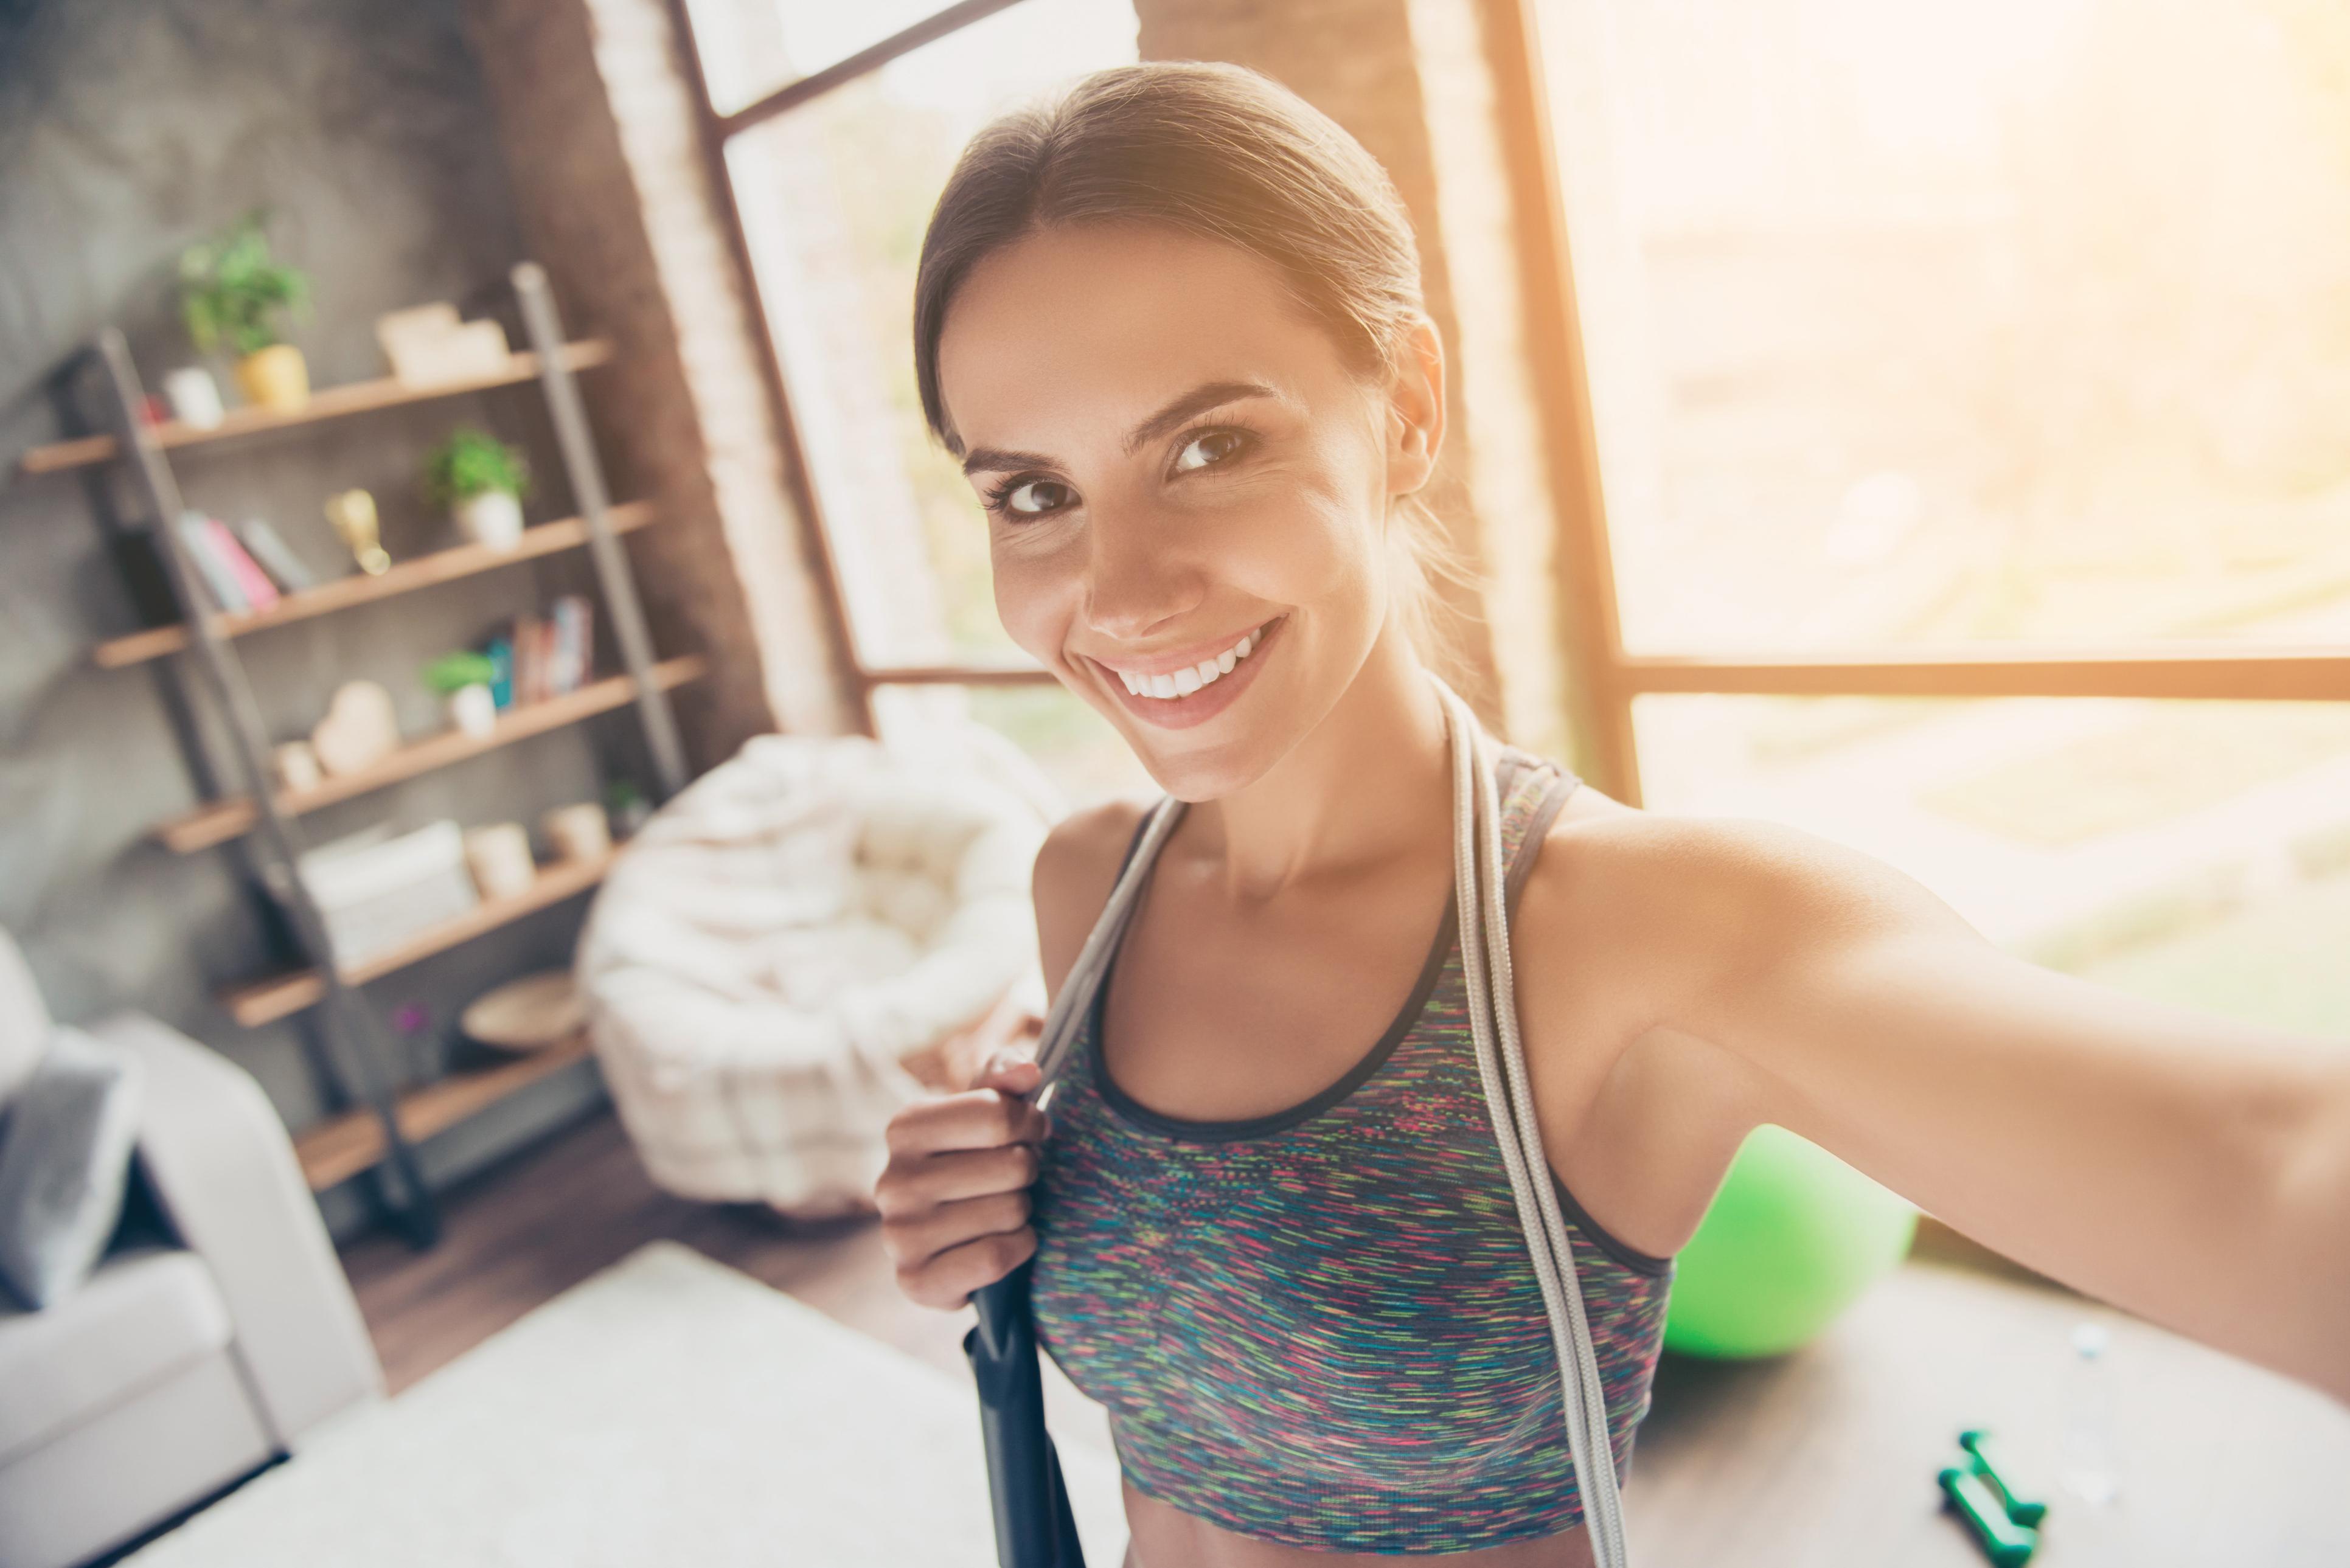 4 види тренувань, з якими фітнес будинку буде ефективним